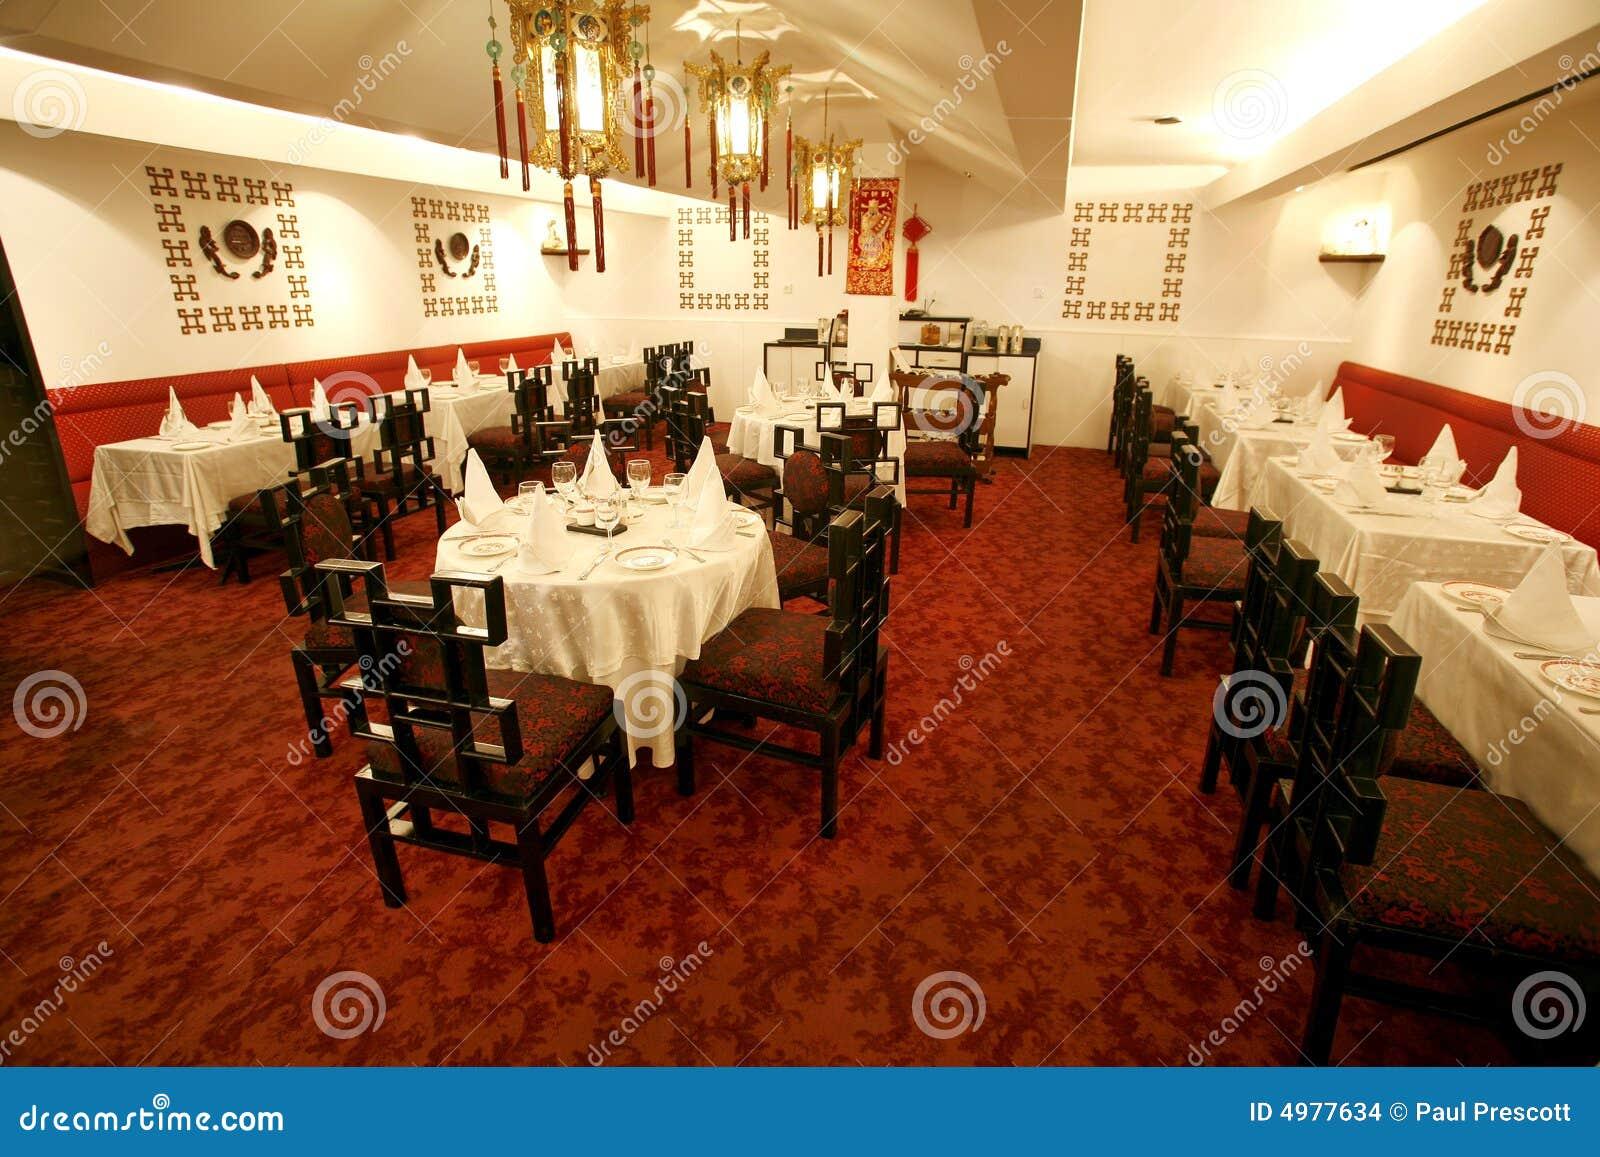 Sala Da Pranzo Cinese Del Ristorante Immagini Stock Immagine  #752308 1300 957 Sala Da Pranzo Del Convento Nome